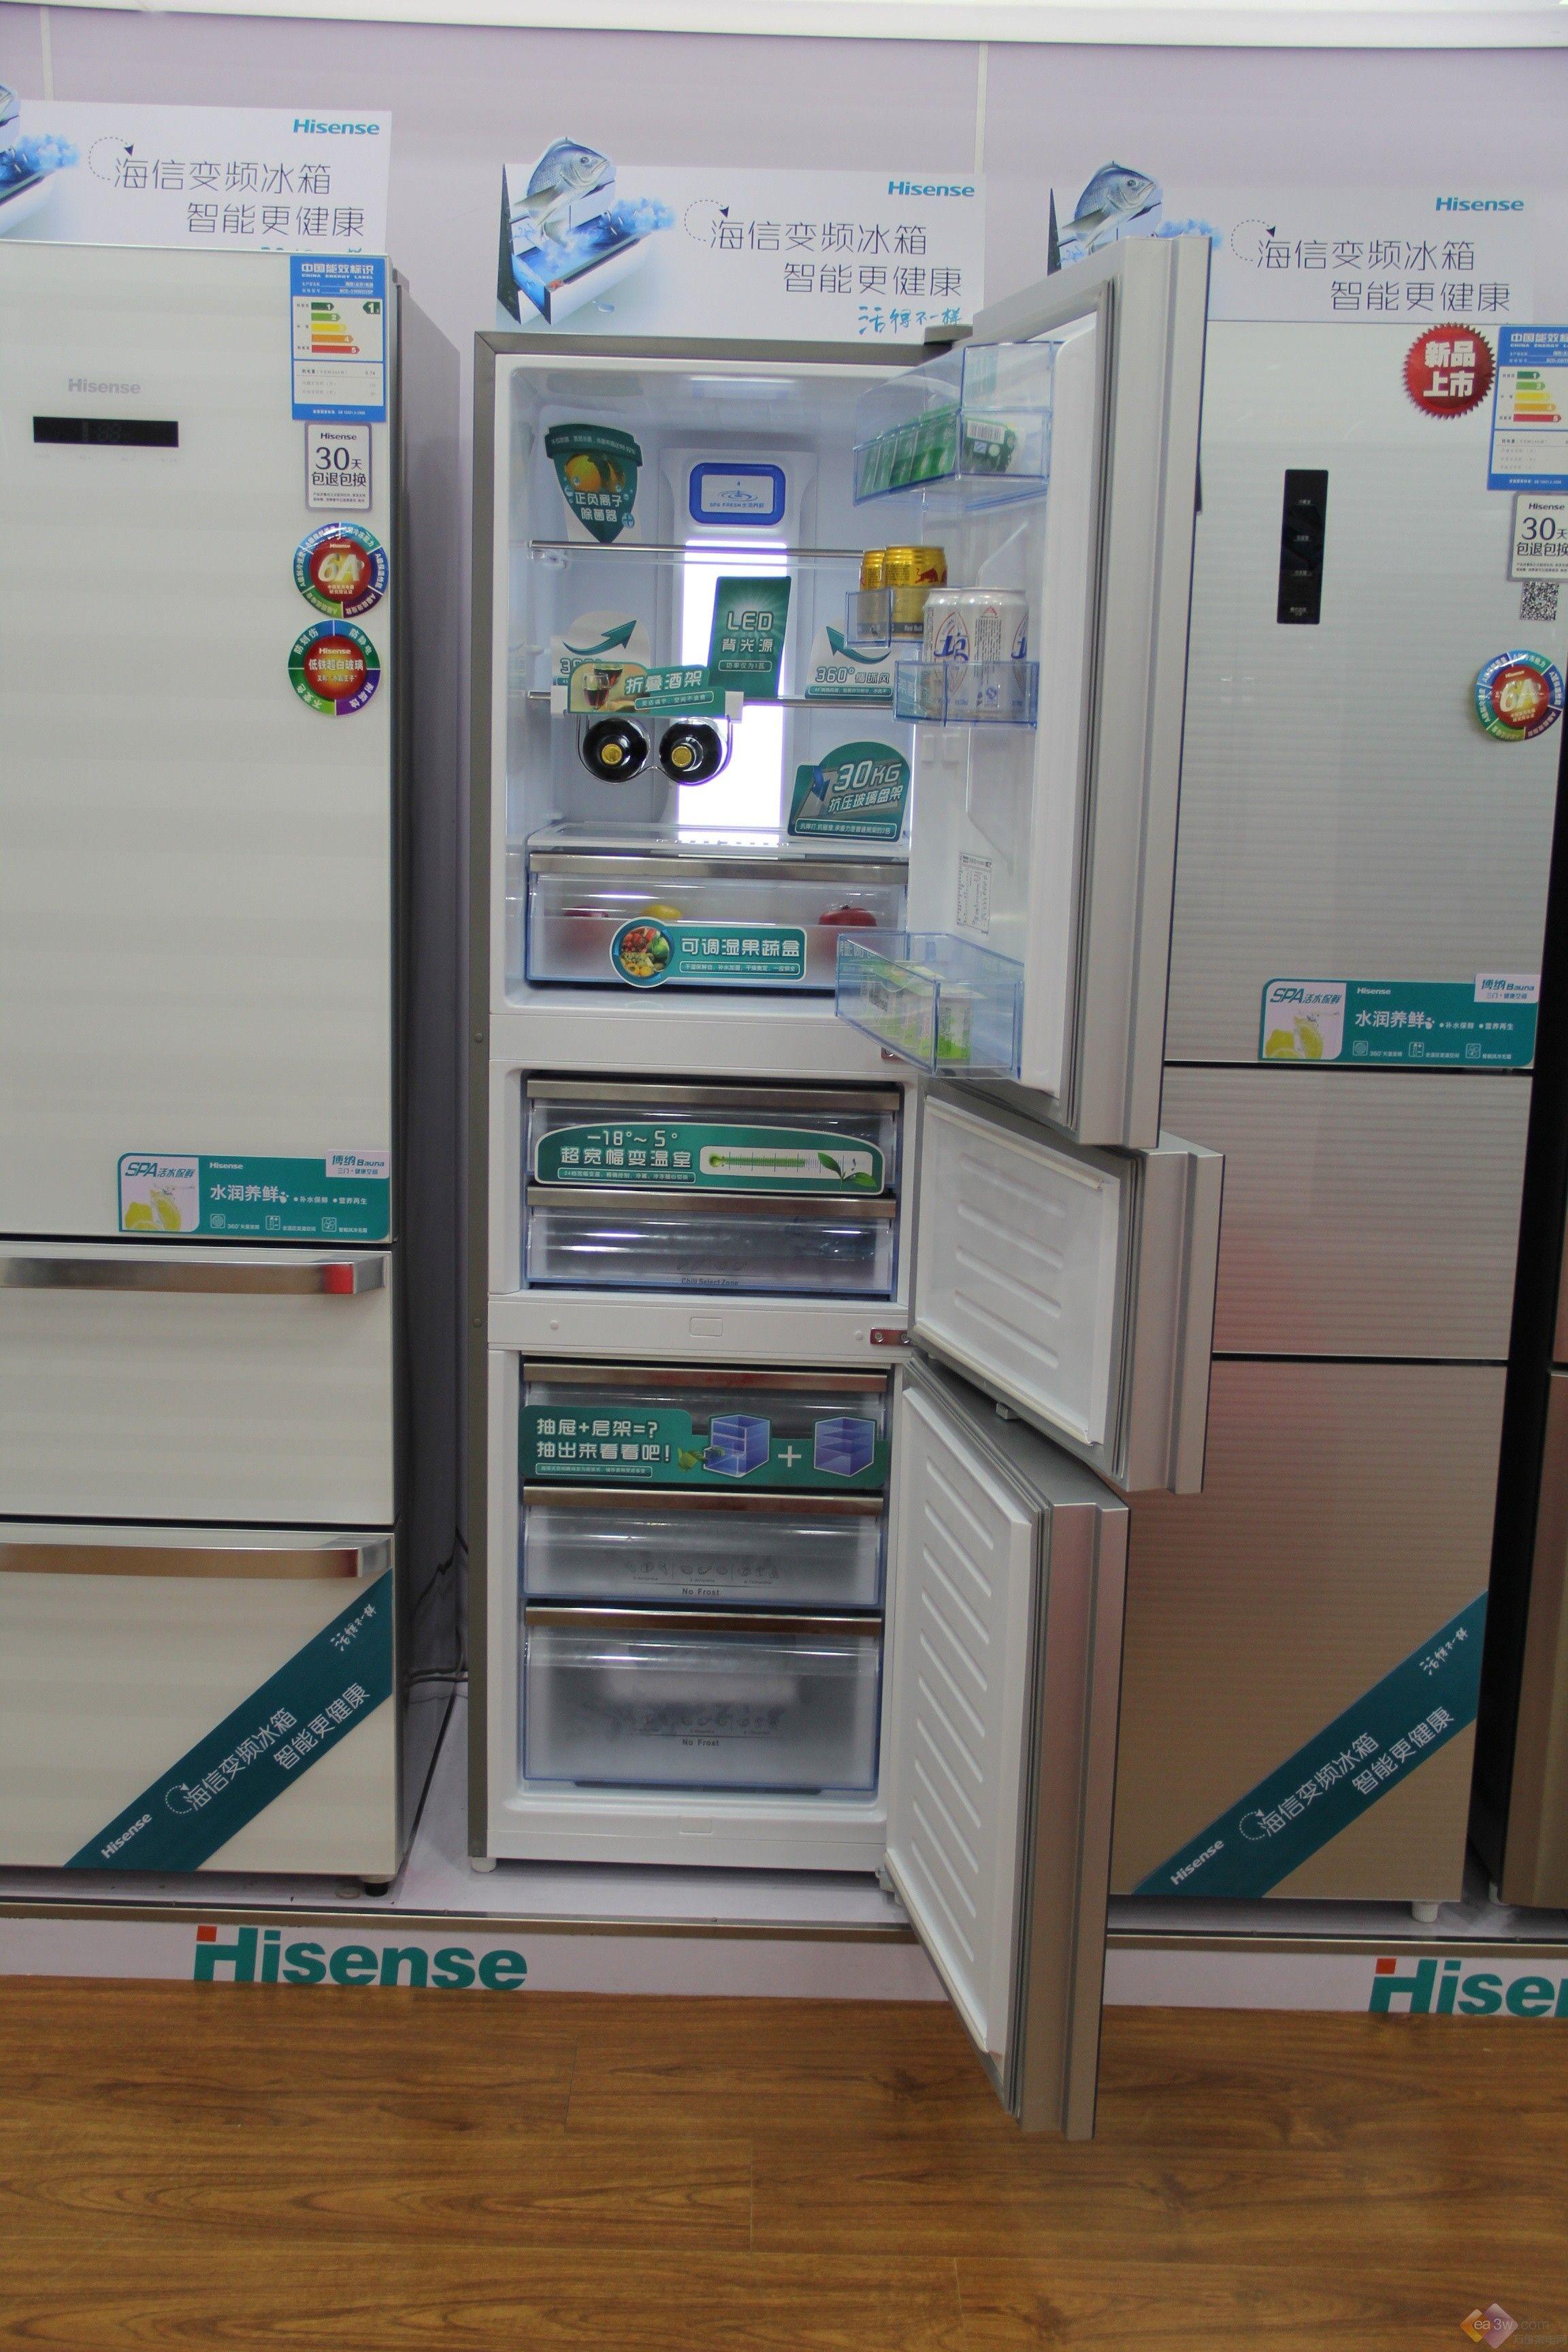 抗菌补水循环风 海信无霜冰箱热销中